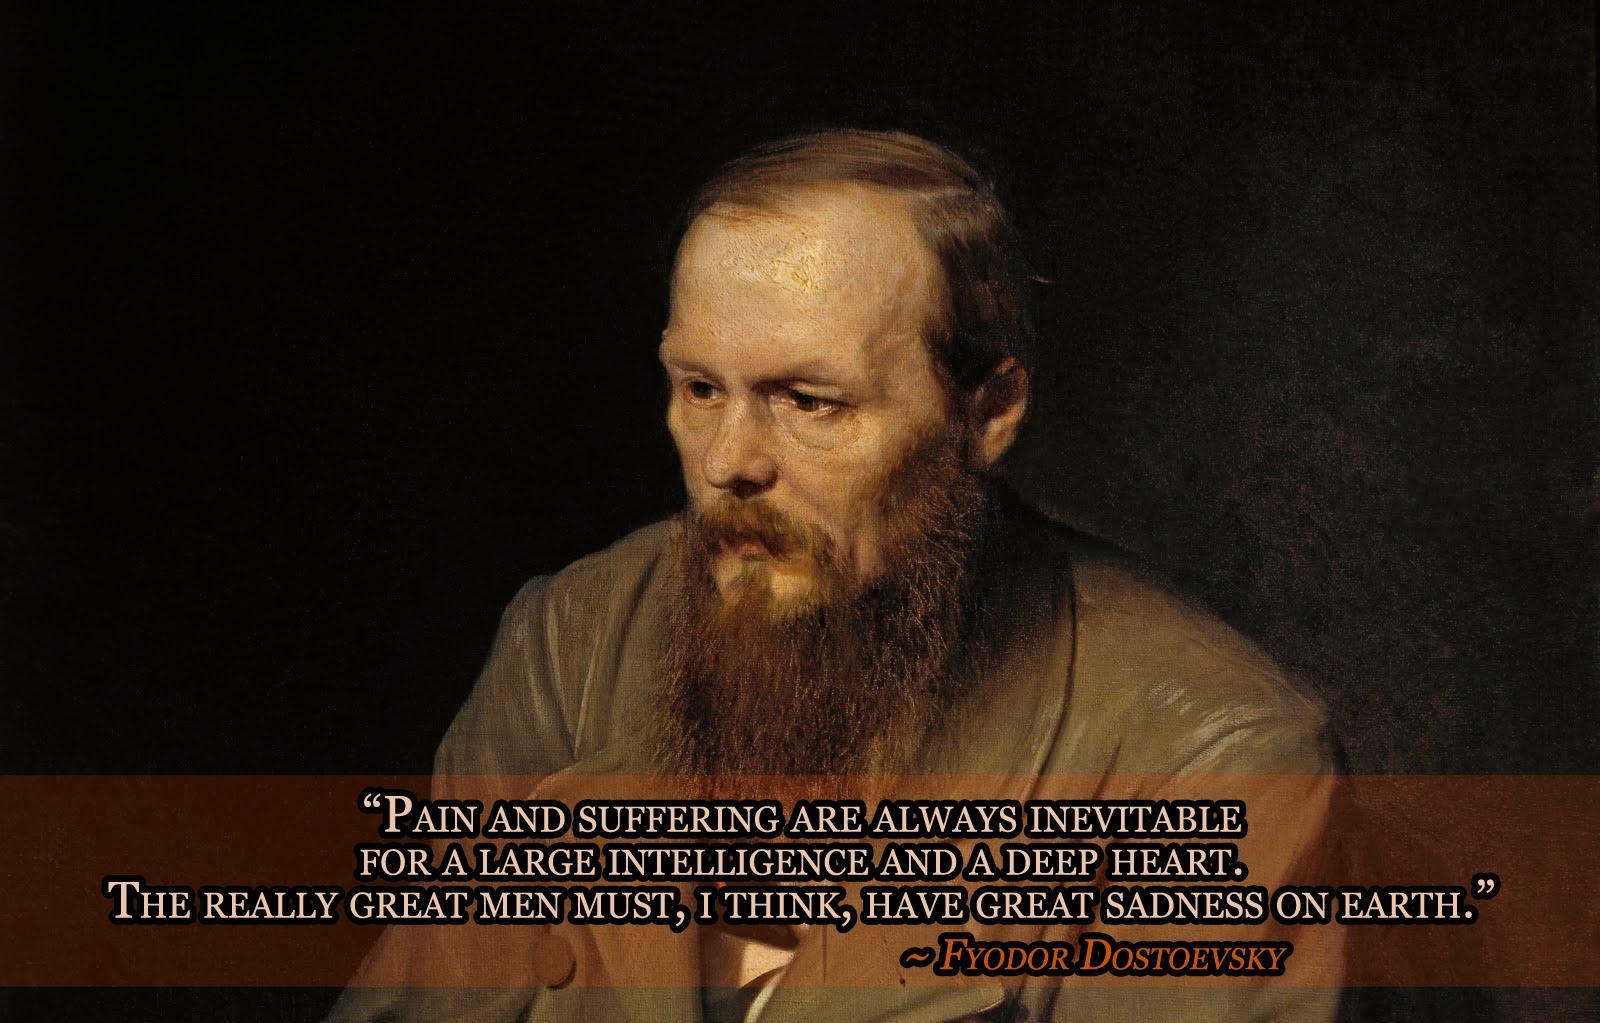 Fyodor Dostoevsky's quote #2